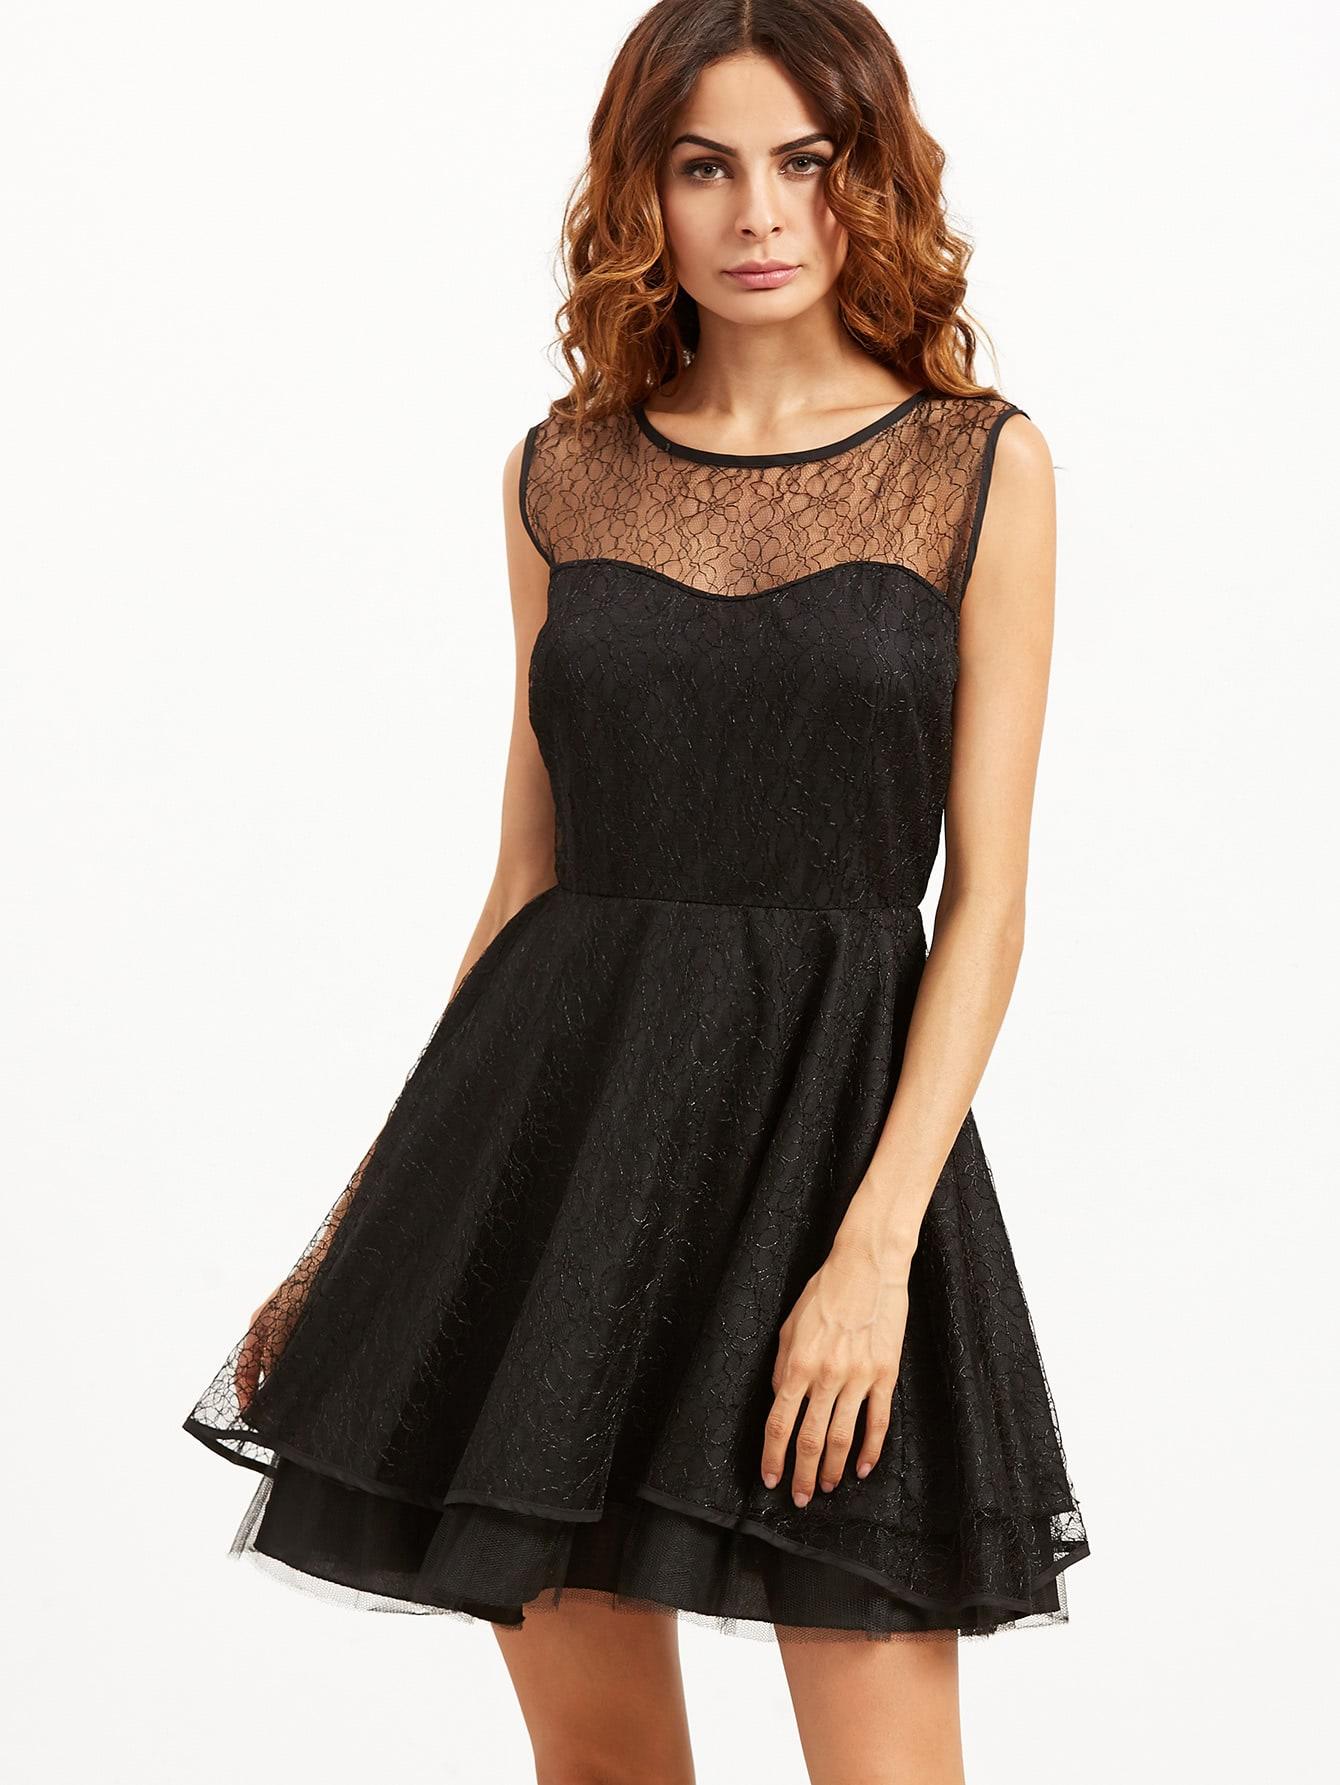 dress160908488_2